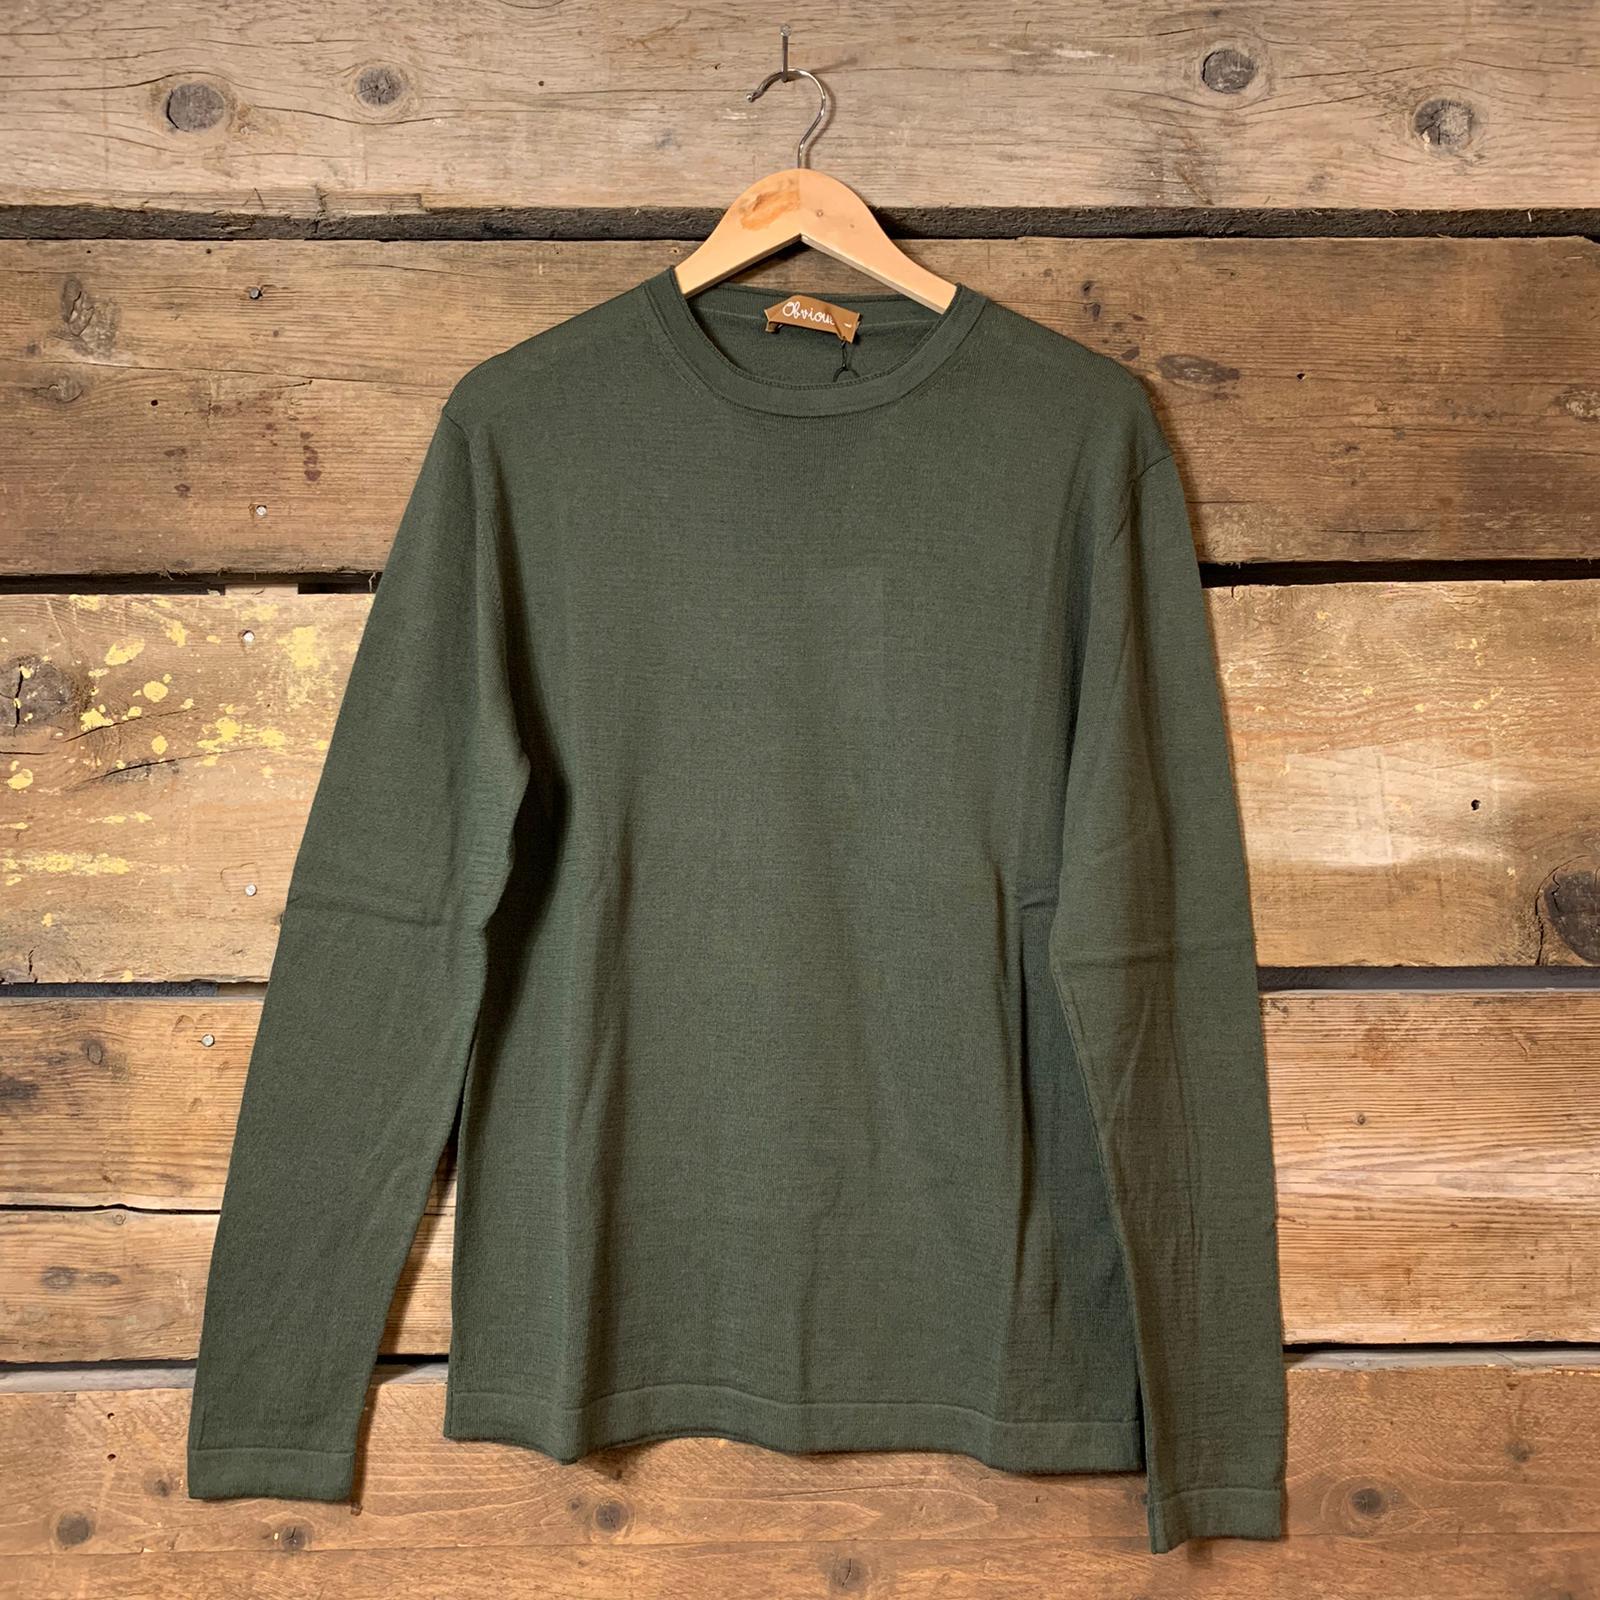 Maglia Obvious Basic a Maniche Lunghe 100% Cotone Verde Militare